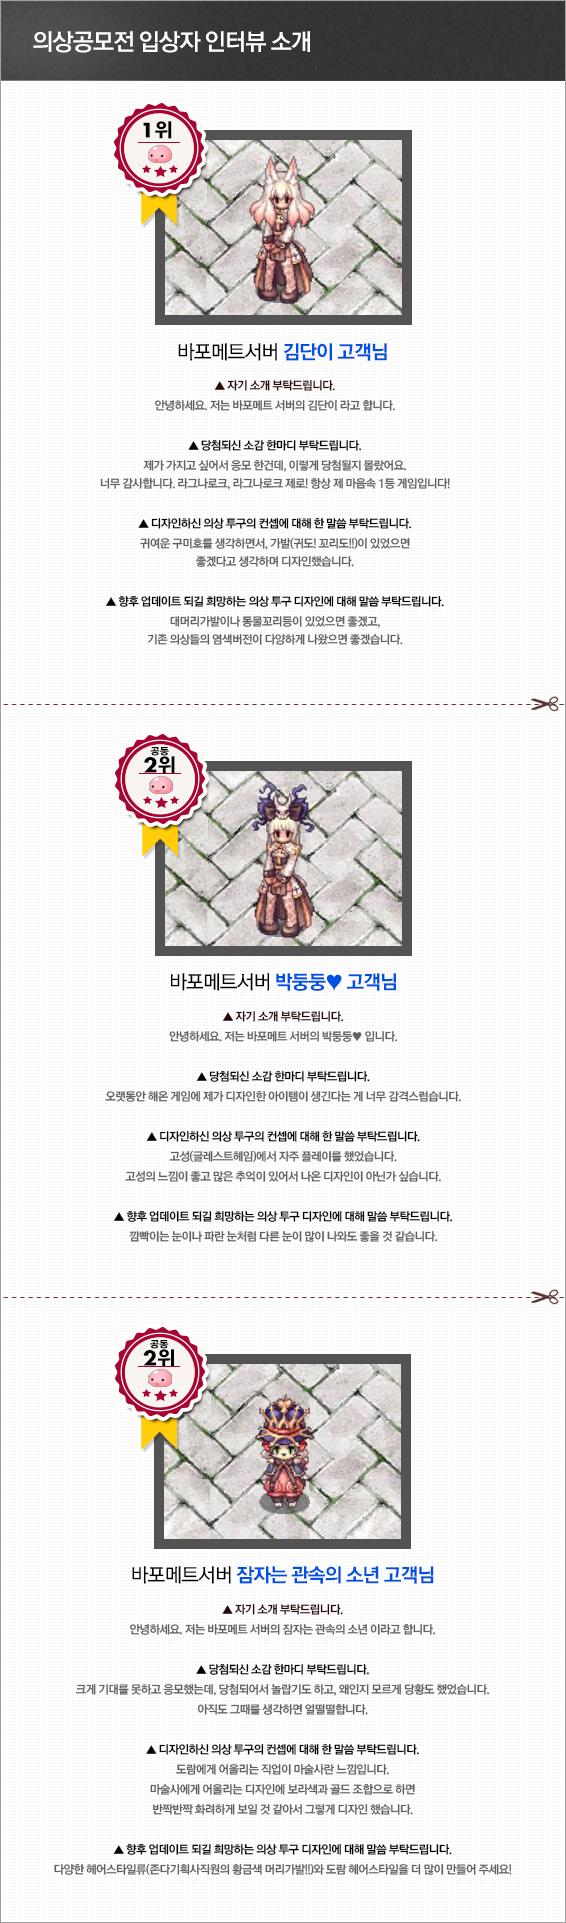 의상공모전 1탄 업데이트 소개페이지